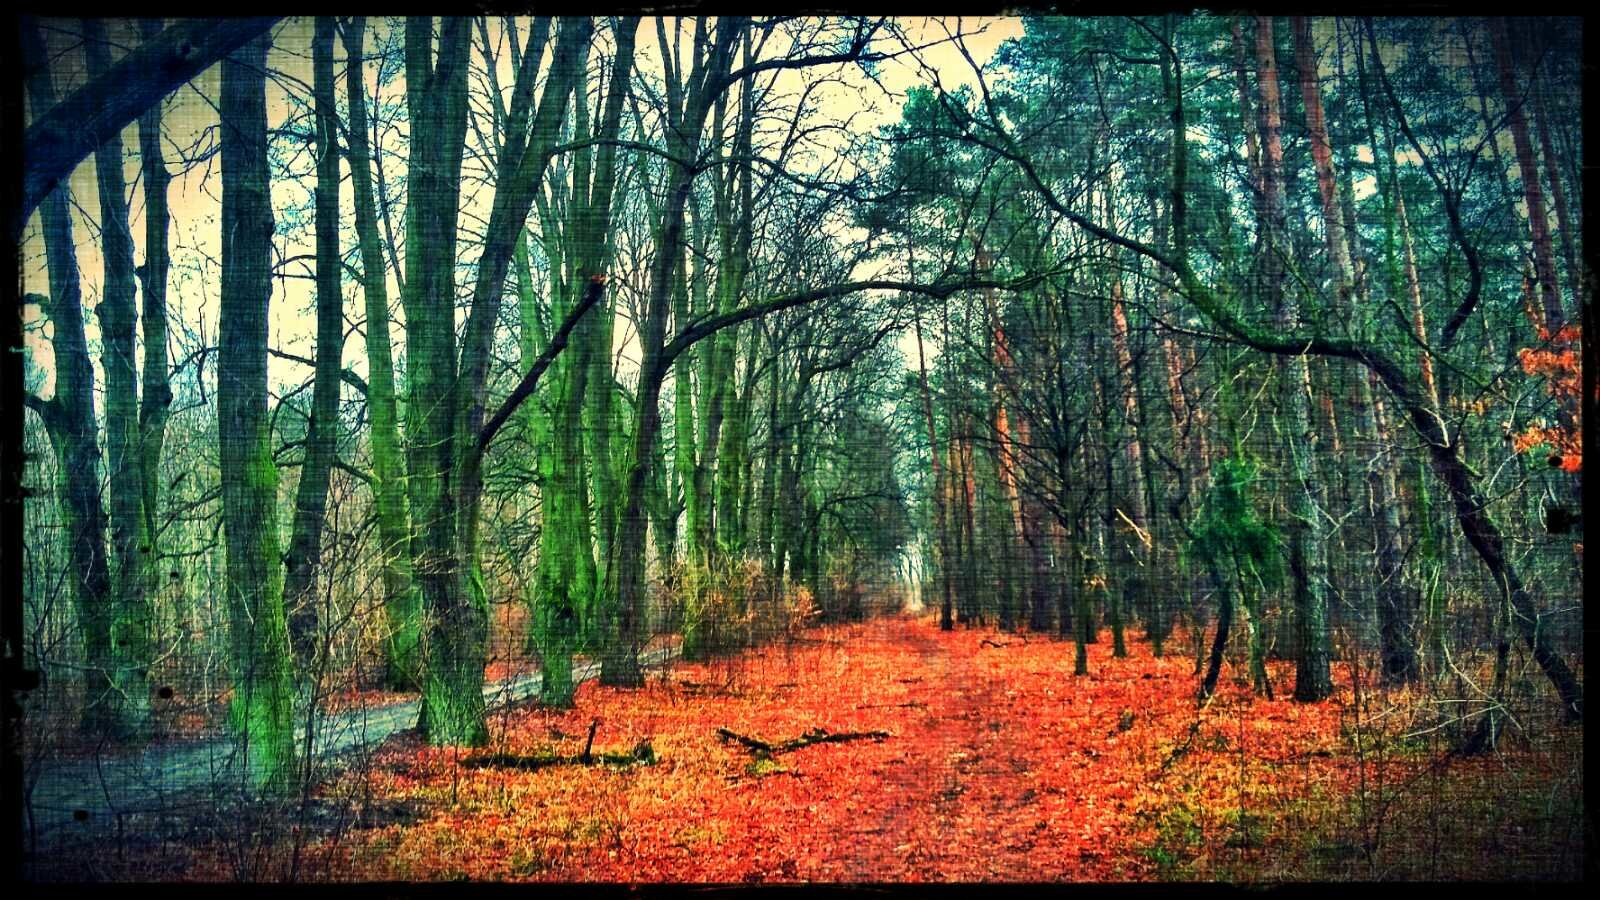 Las, rower i tajemnicza ścieżka